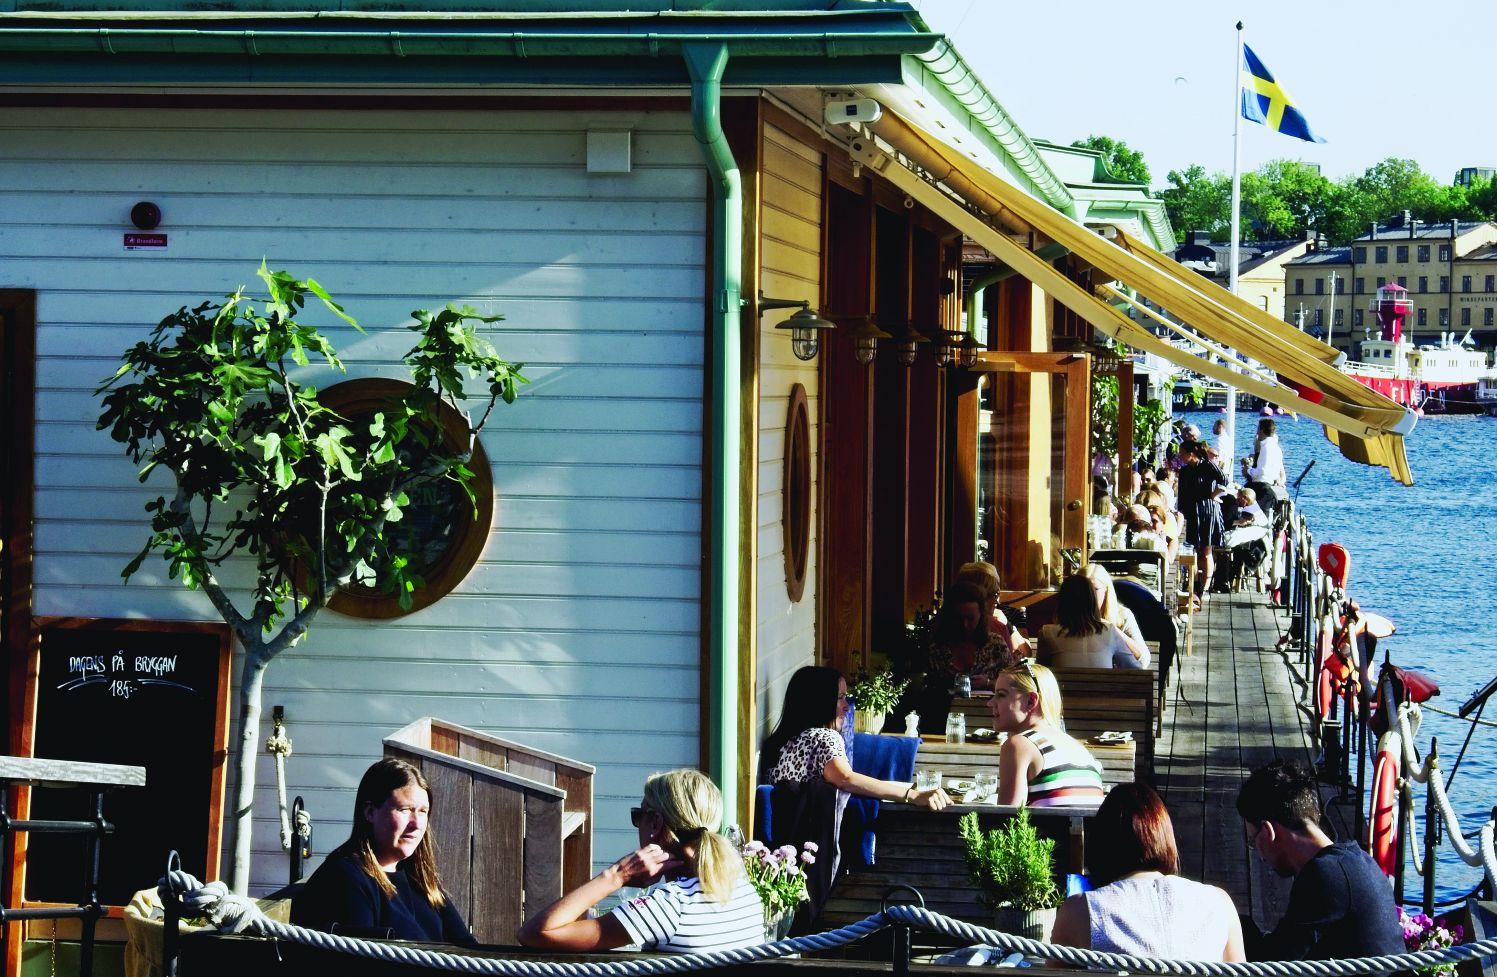 Knajpki przy bulwarze Strandvägen w centrum miasta (fot. Daniel Tubylewicz)